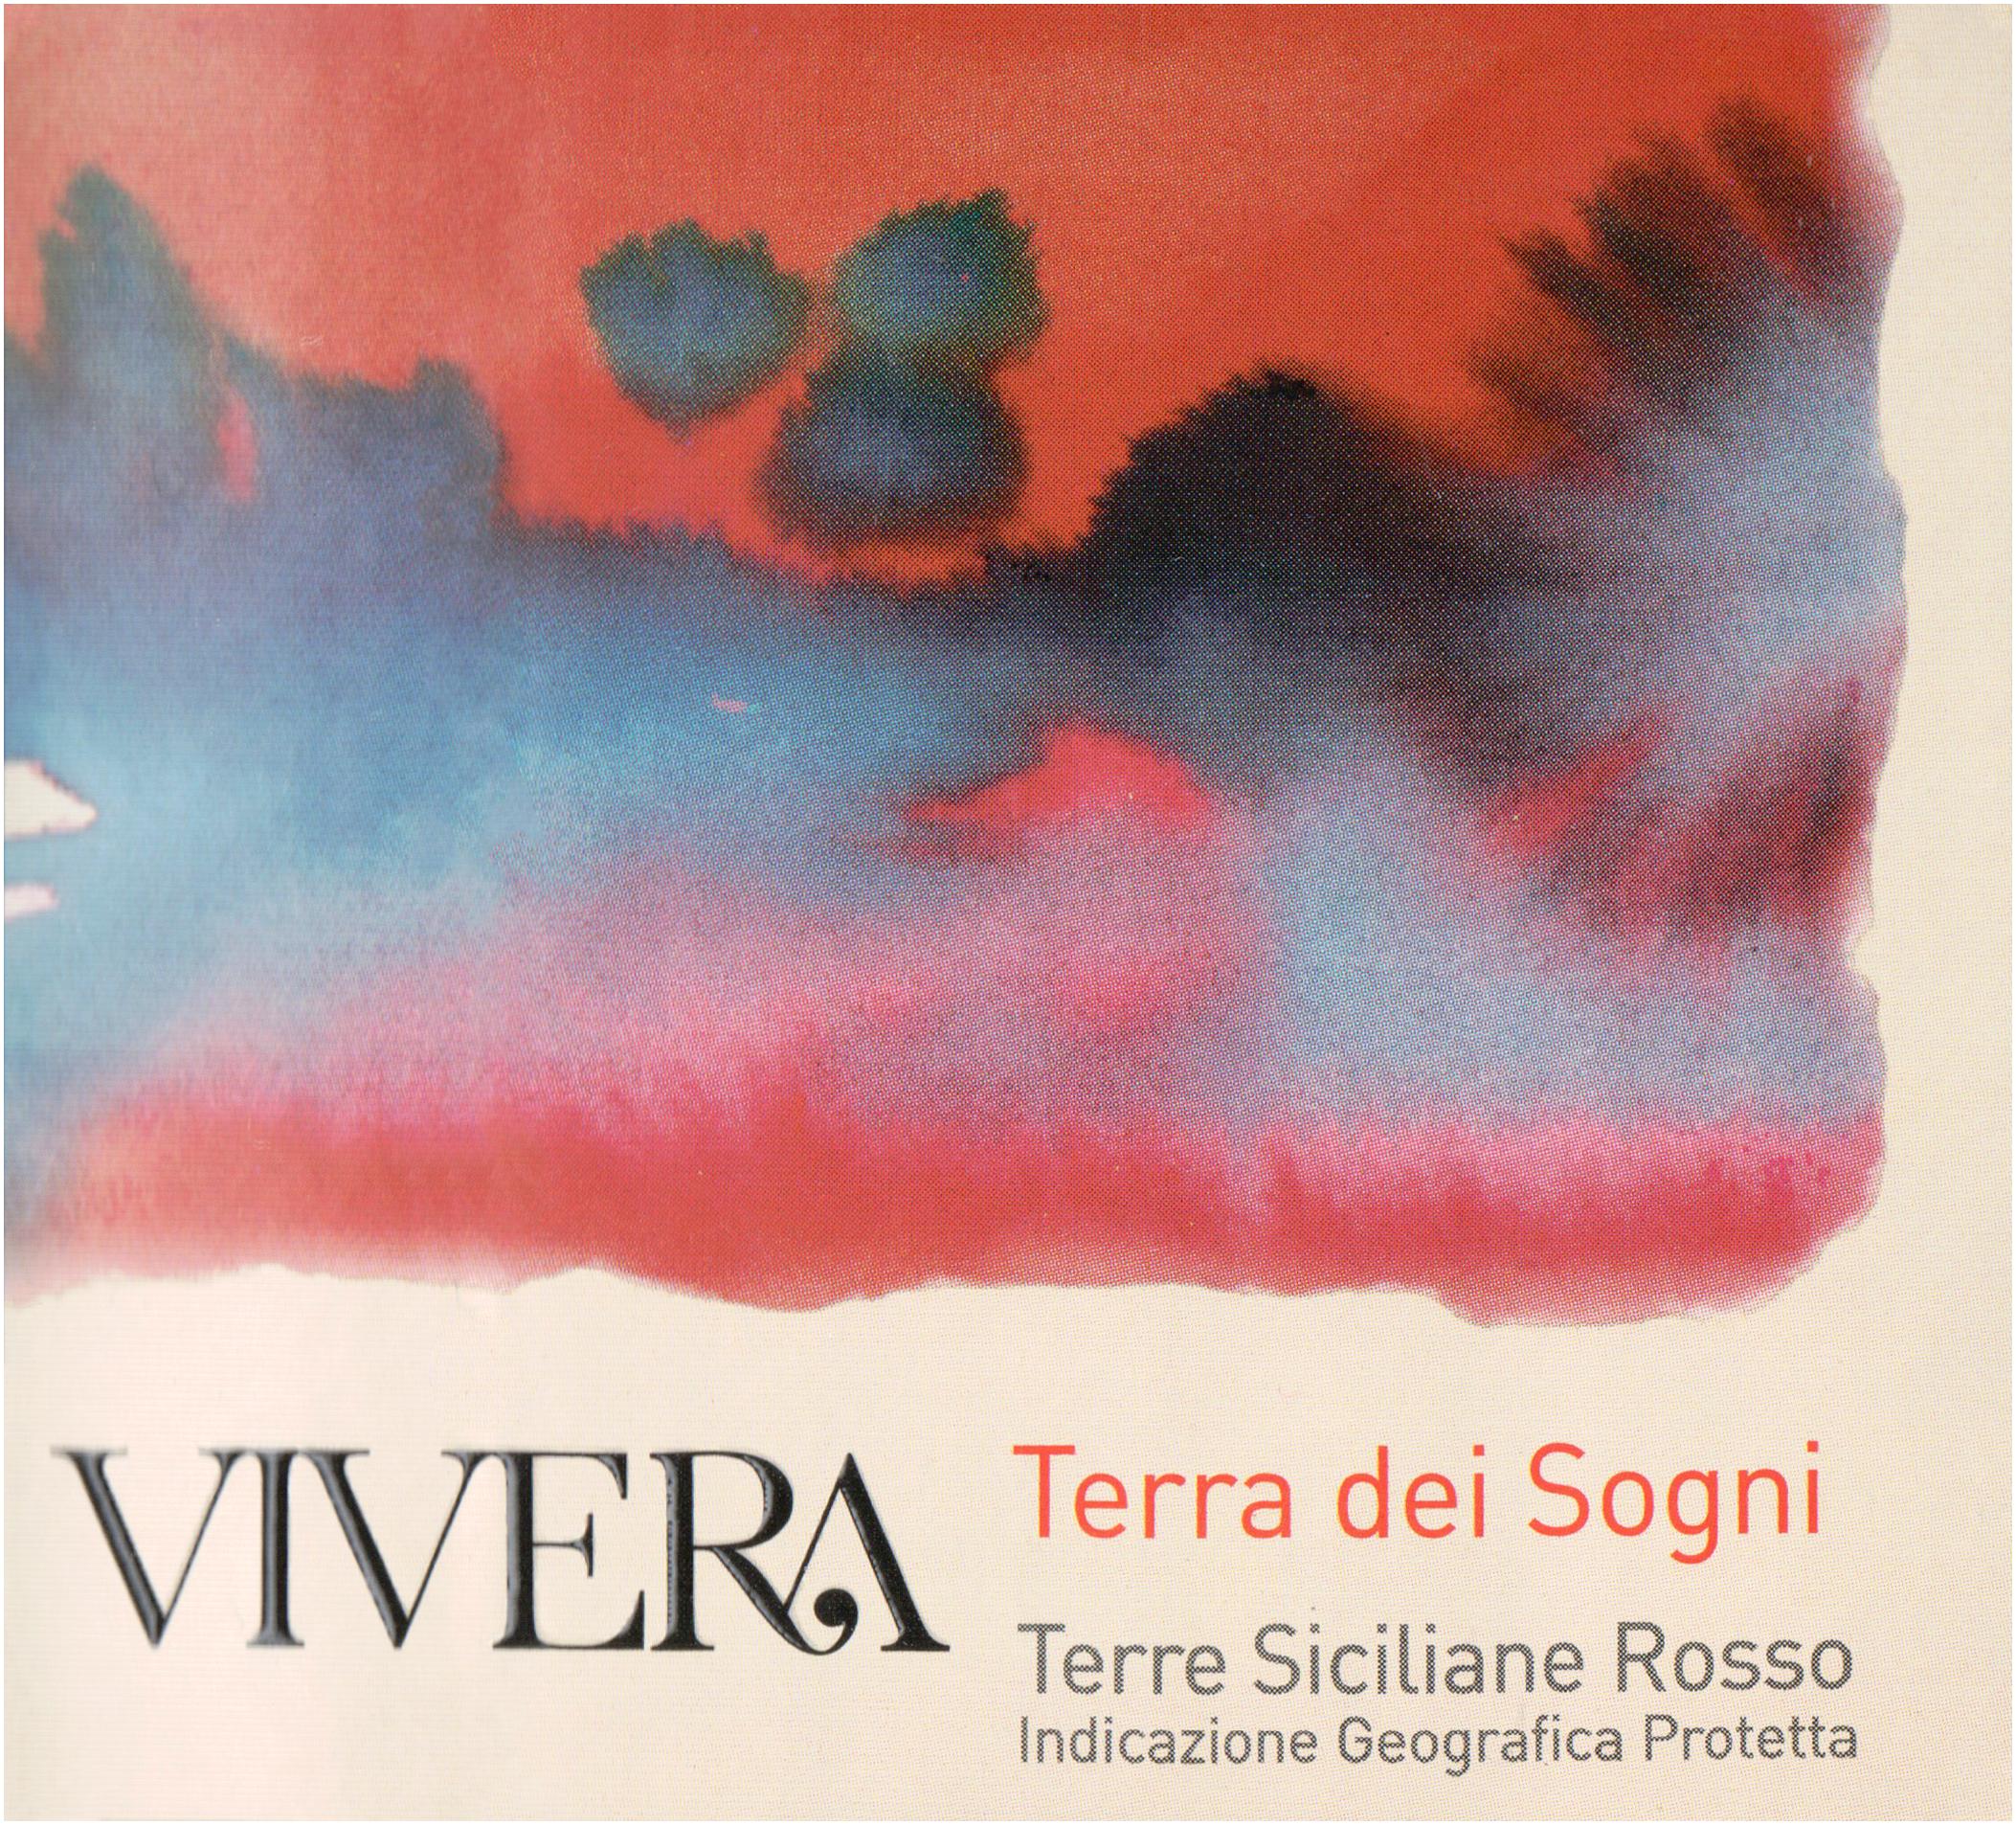 Vivera Siciliane Rosso Terre Dei Sogni 2016